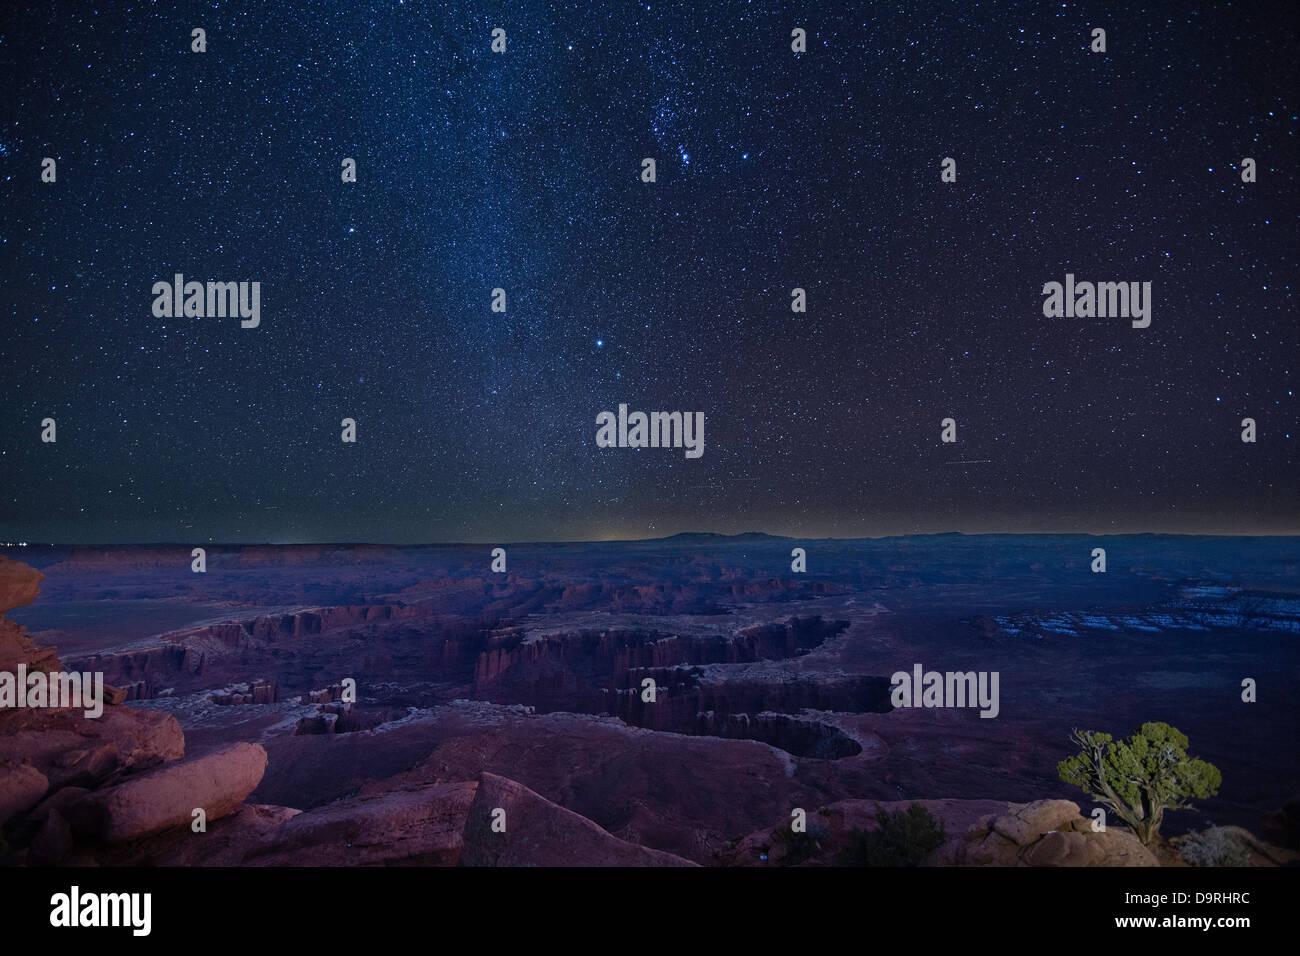 El cielo nocturno de cañones de la isla en el cielo, Utah. Ee.Uu. Foto de stock